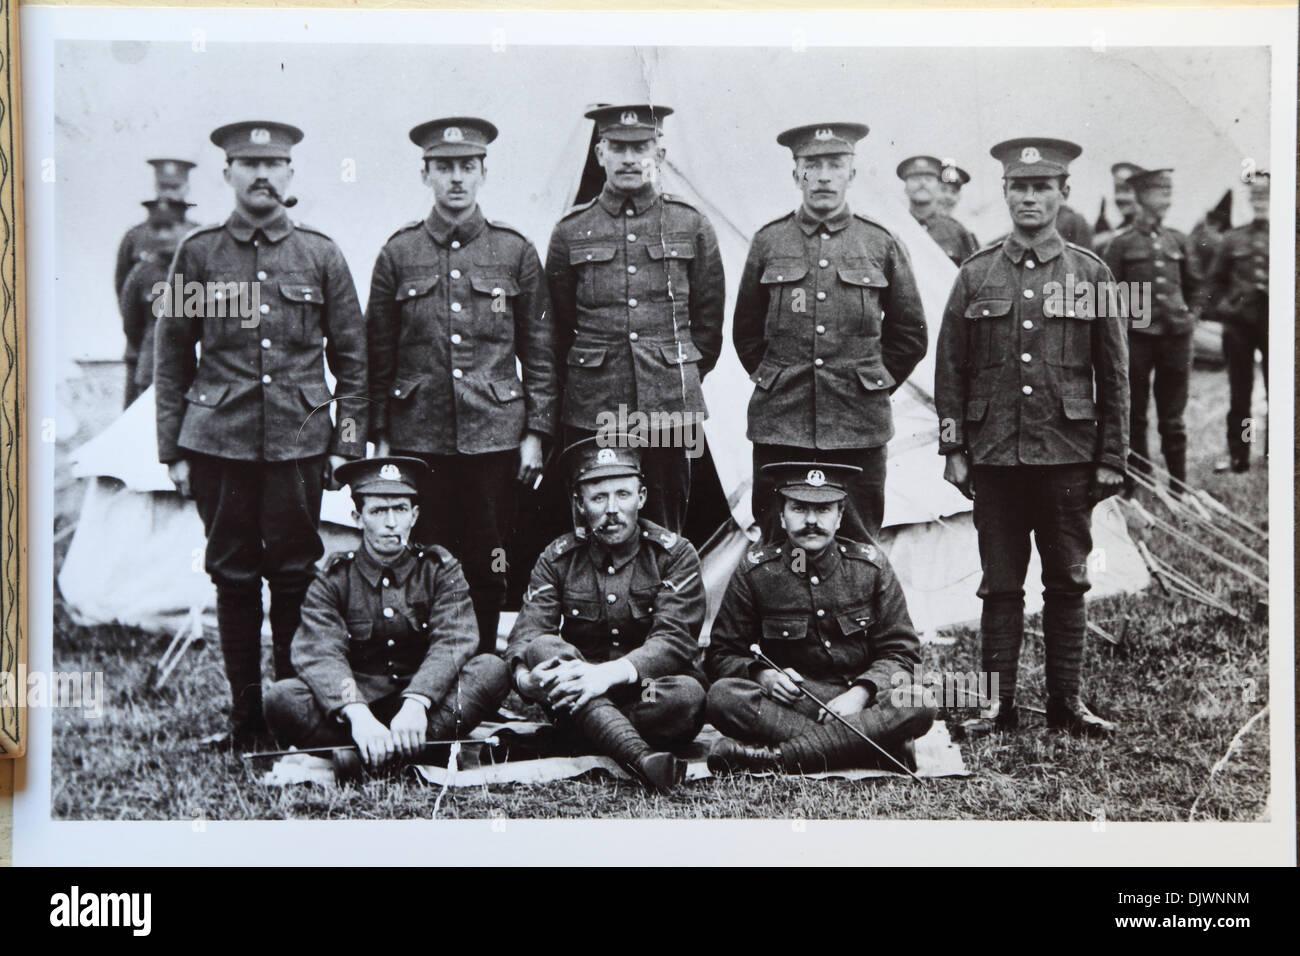 La Primera Guerra Mundial, los soldados británicos en el campamento, en la 1ª Guerra Mundial, 1WW, Gran Guerra 1914-1918, historia, archive archivado de imágenes históricas, WW1, soldado del ejército británico Inglaterra campamento Guerra Mundial 1 Imagen De Stock